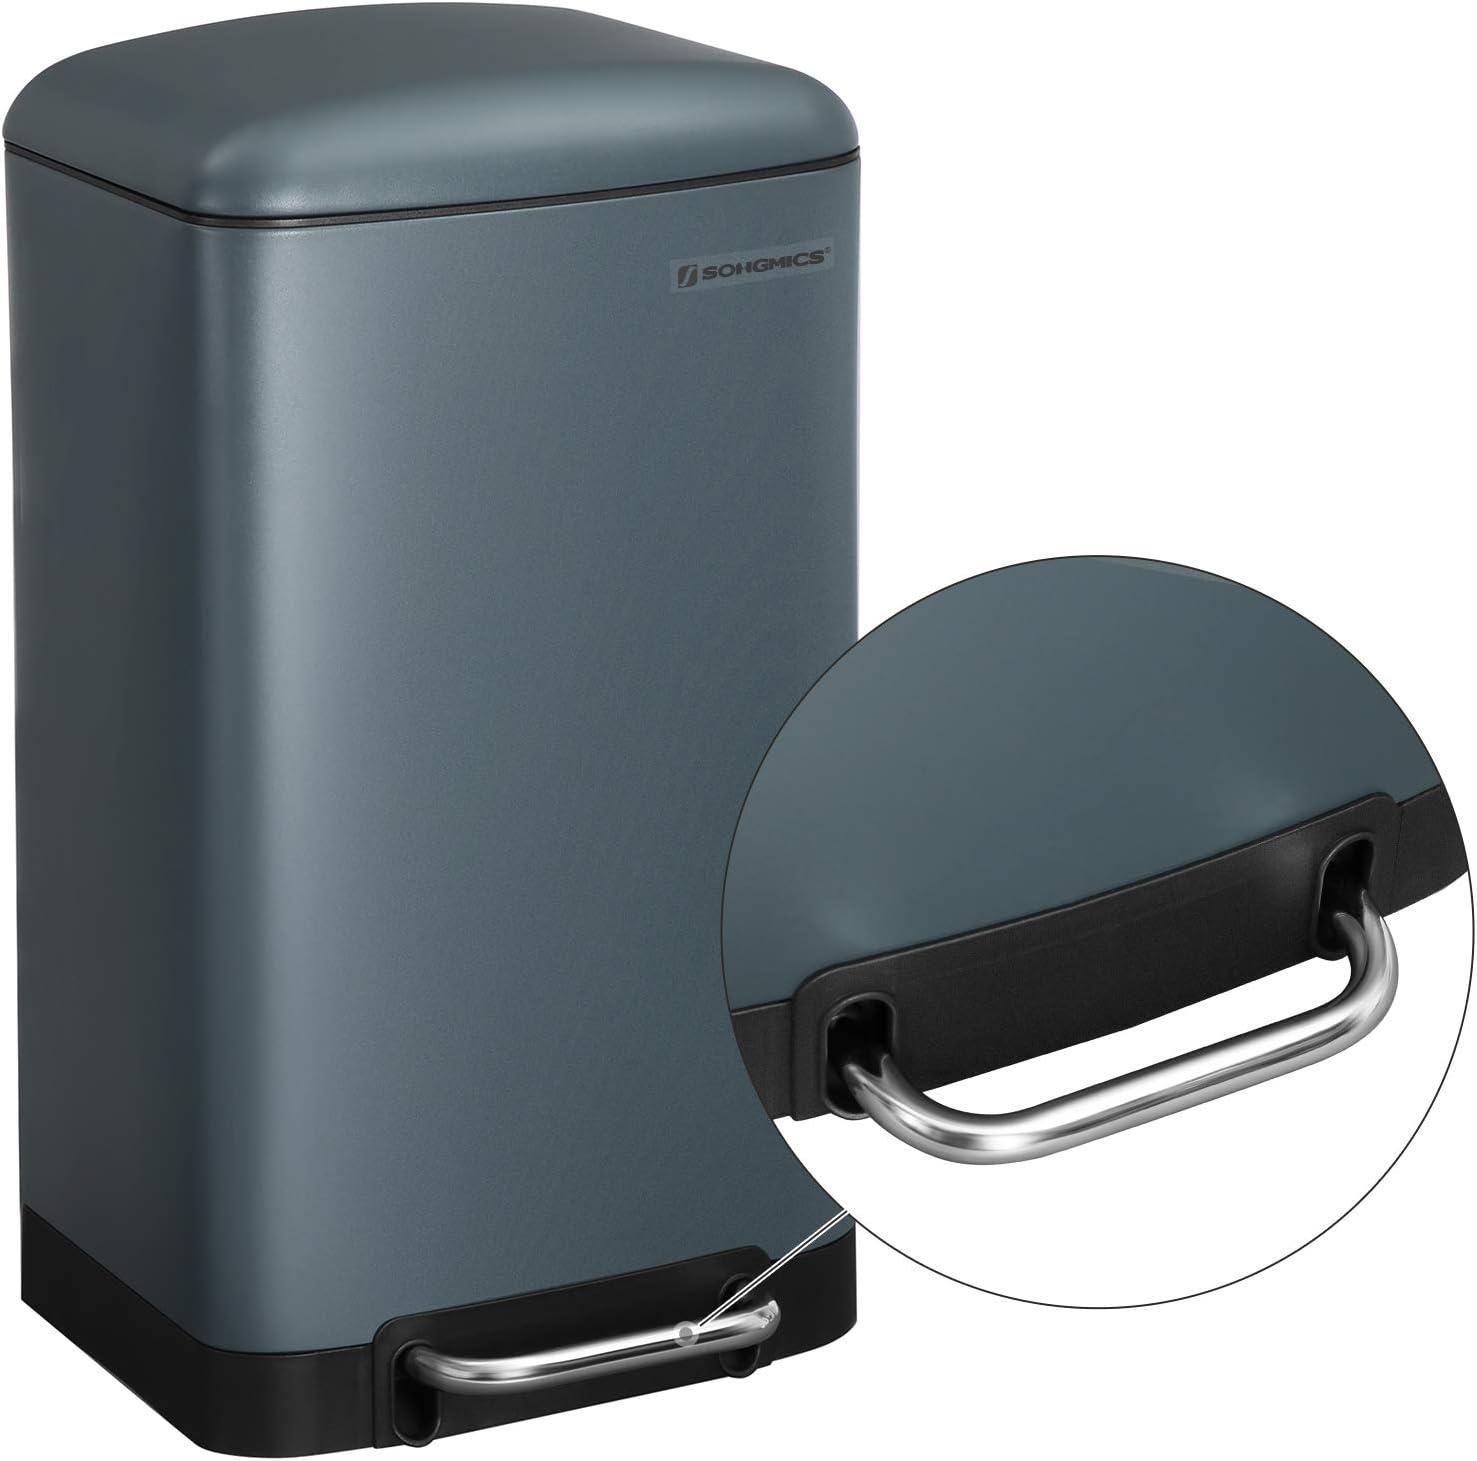 Soft Close Lid Non-Slip Base White LTB01W SONGMICS Pedal Bin 30L Metal Kitchen Dustbin